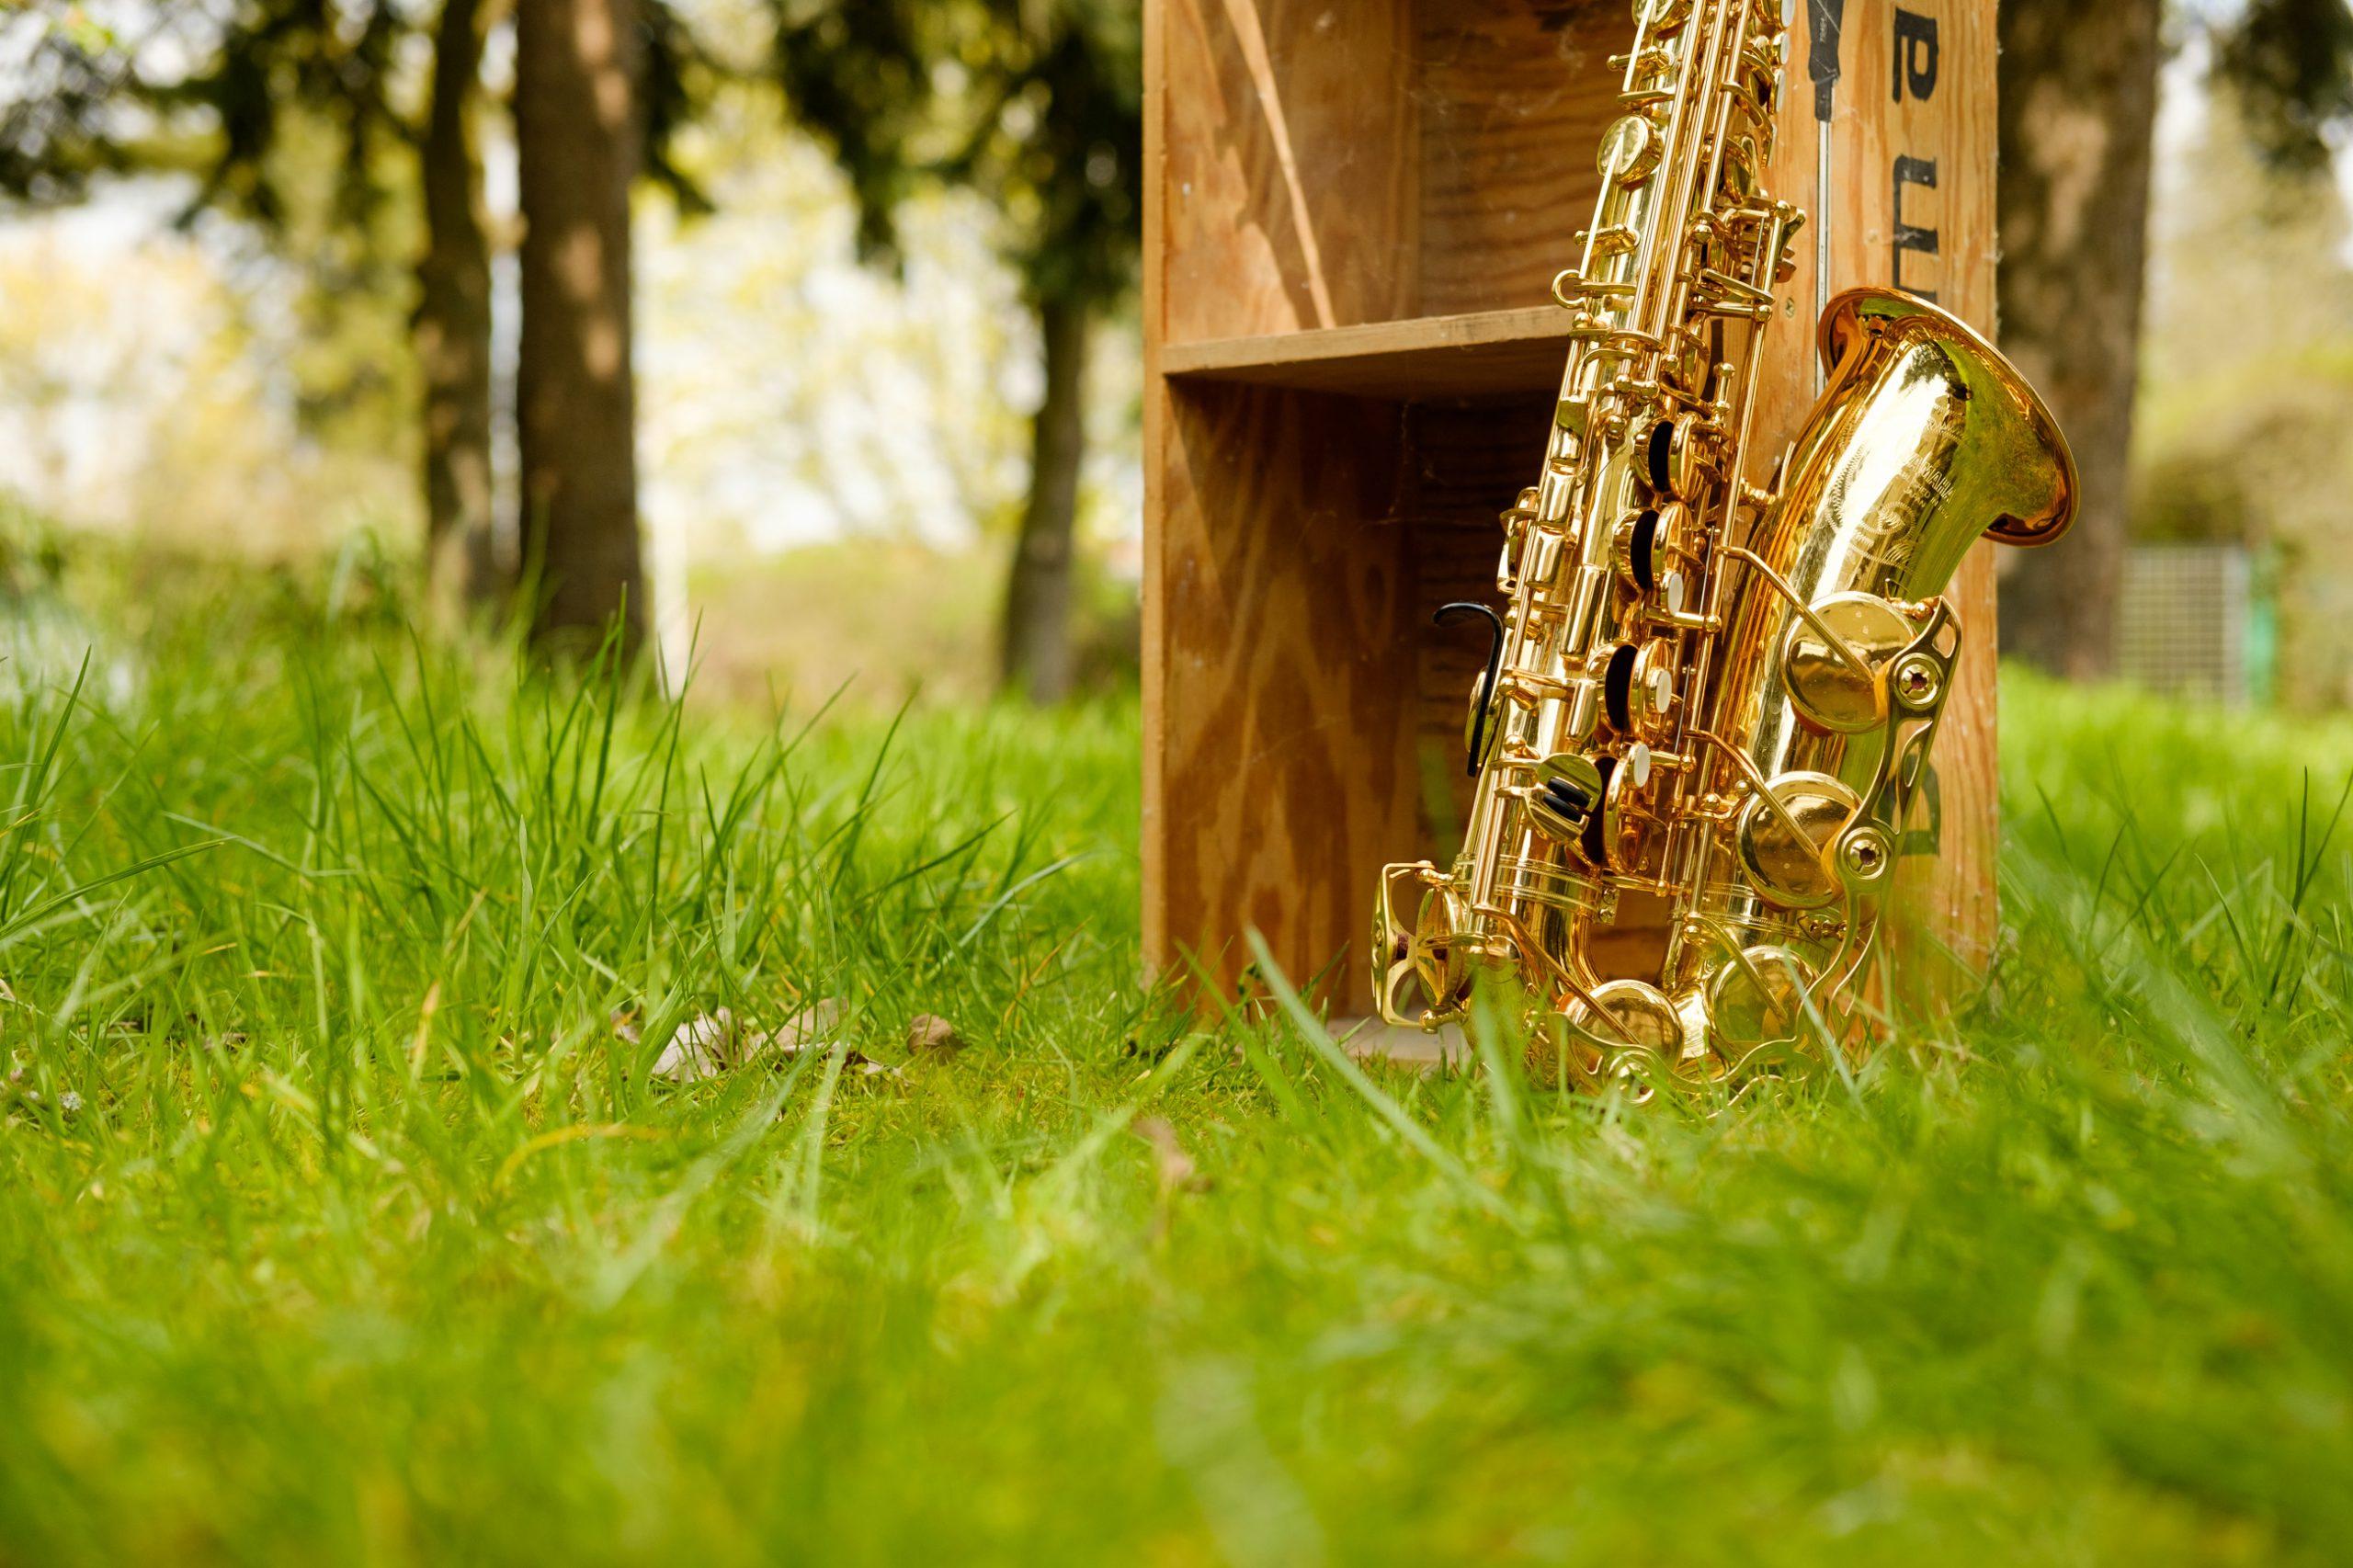 Saxophon in der Natur